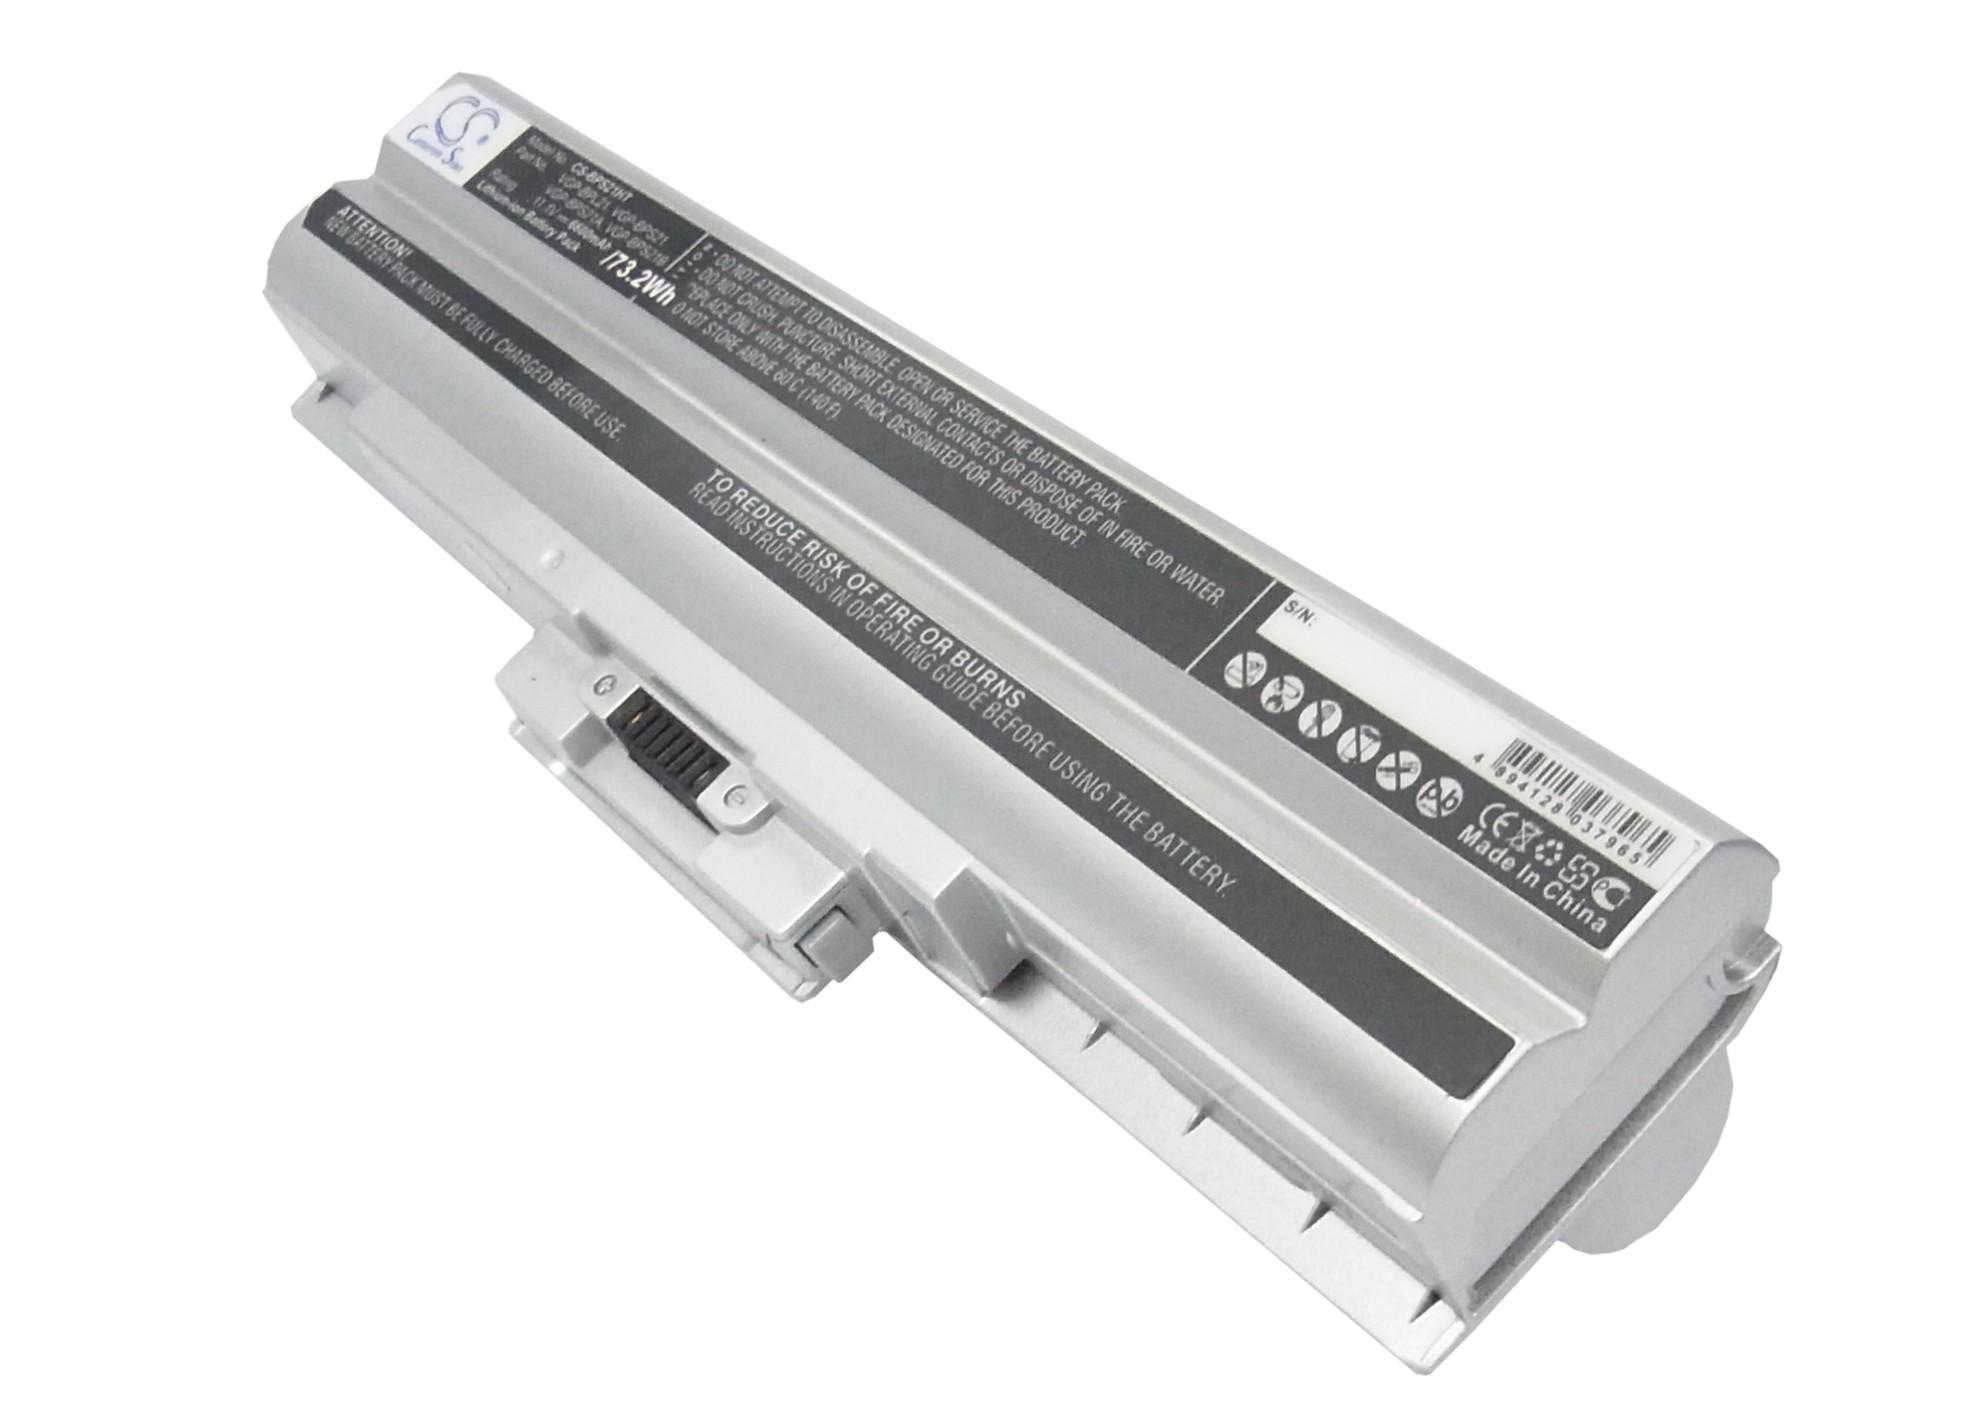 Cameron Sino baterie do notebooků pro SONY VAIO VGN-NW21MF 11.1V Li-ion 6600mAh stříbrná - neoriginální